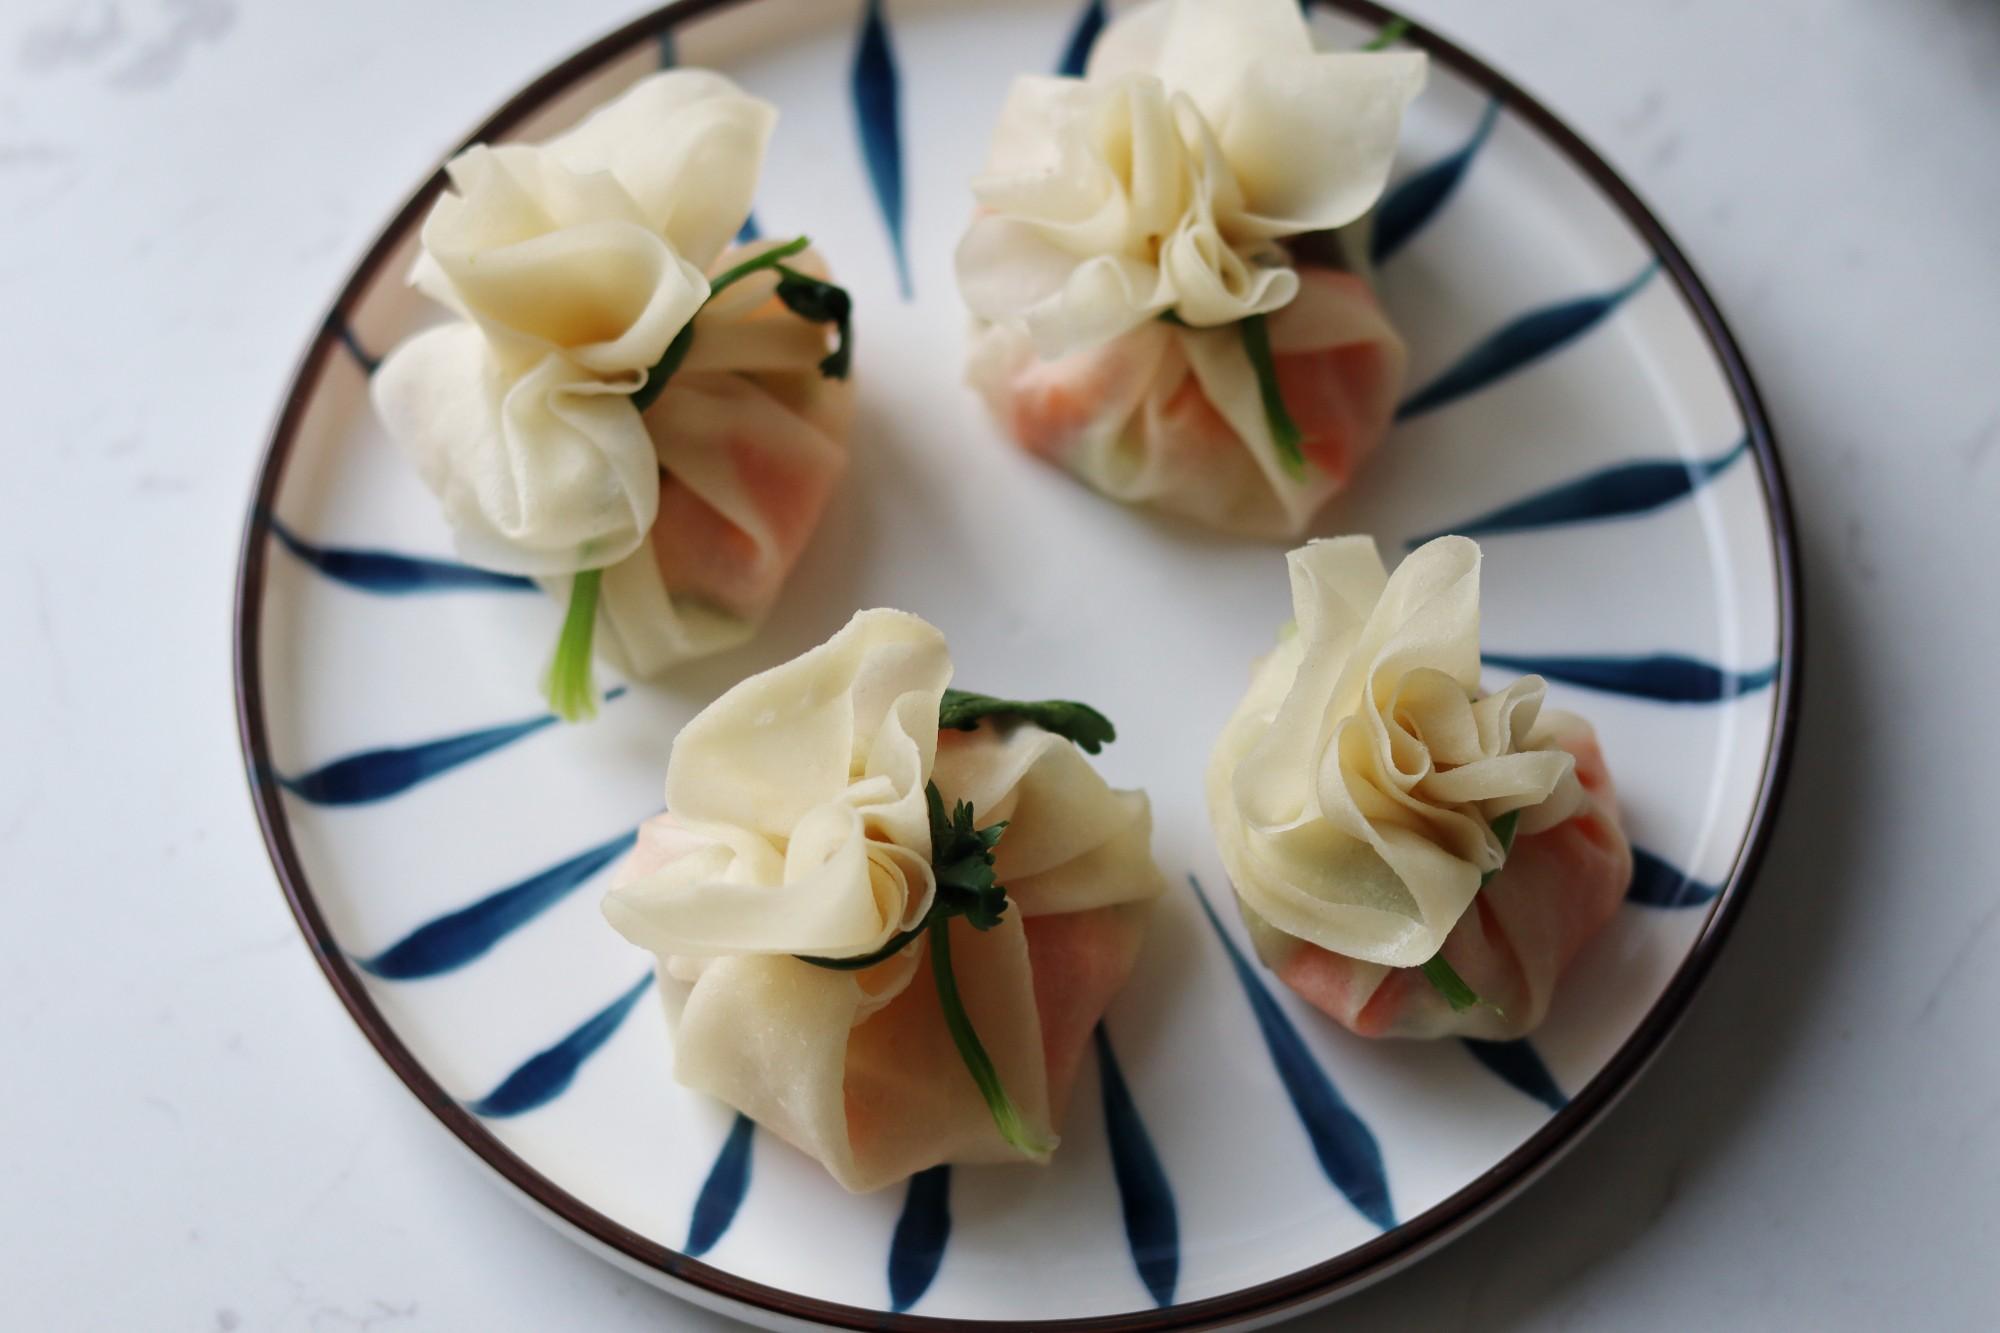 彩疏豆腐福袋的简单做法